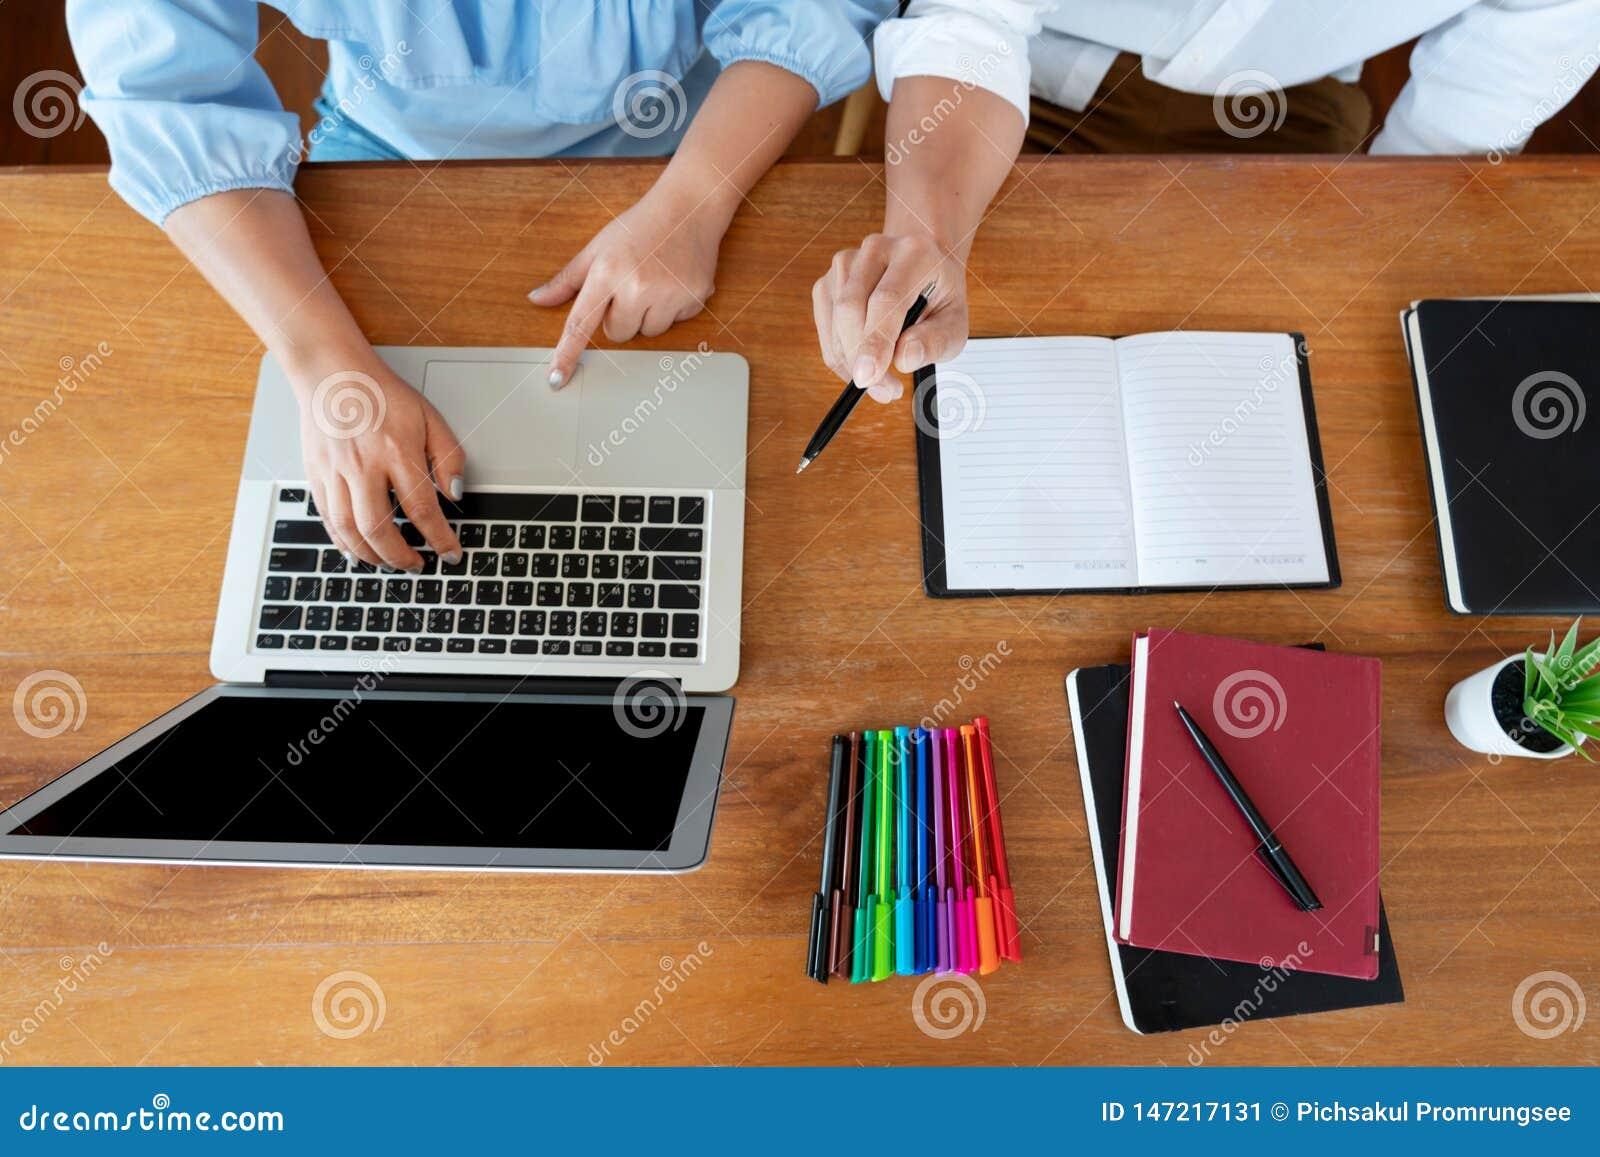 Edukacja, szko?y poj?cie, ucznia kampus i koledzy z klasy uczy si? nauczania ?apanie w g?r? przyjaciela dla wewn?trz, testa lub e